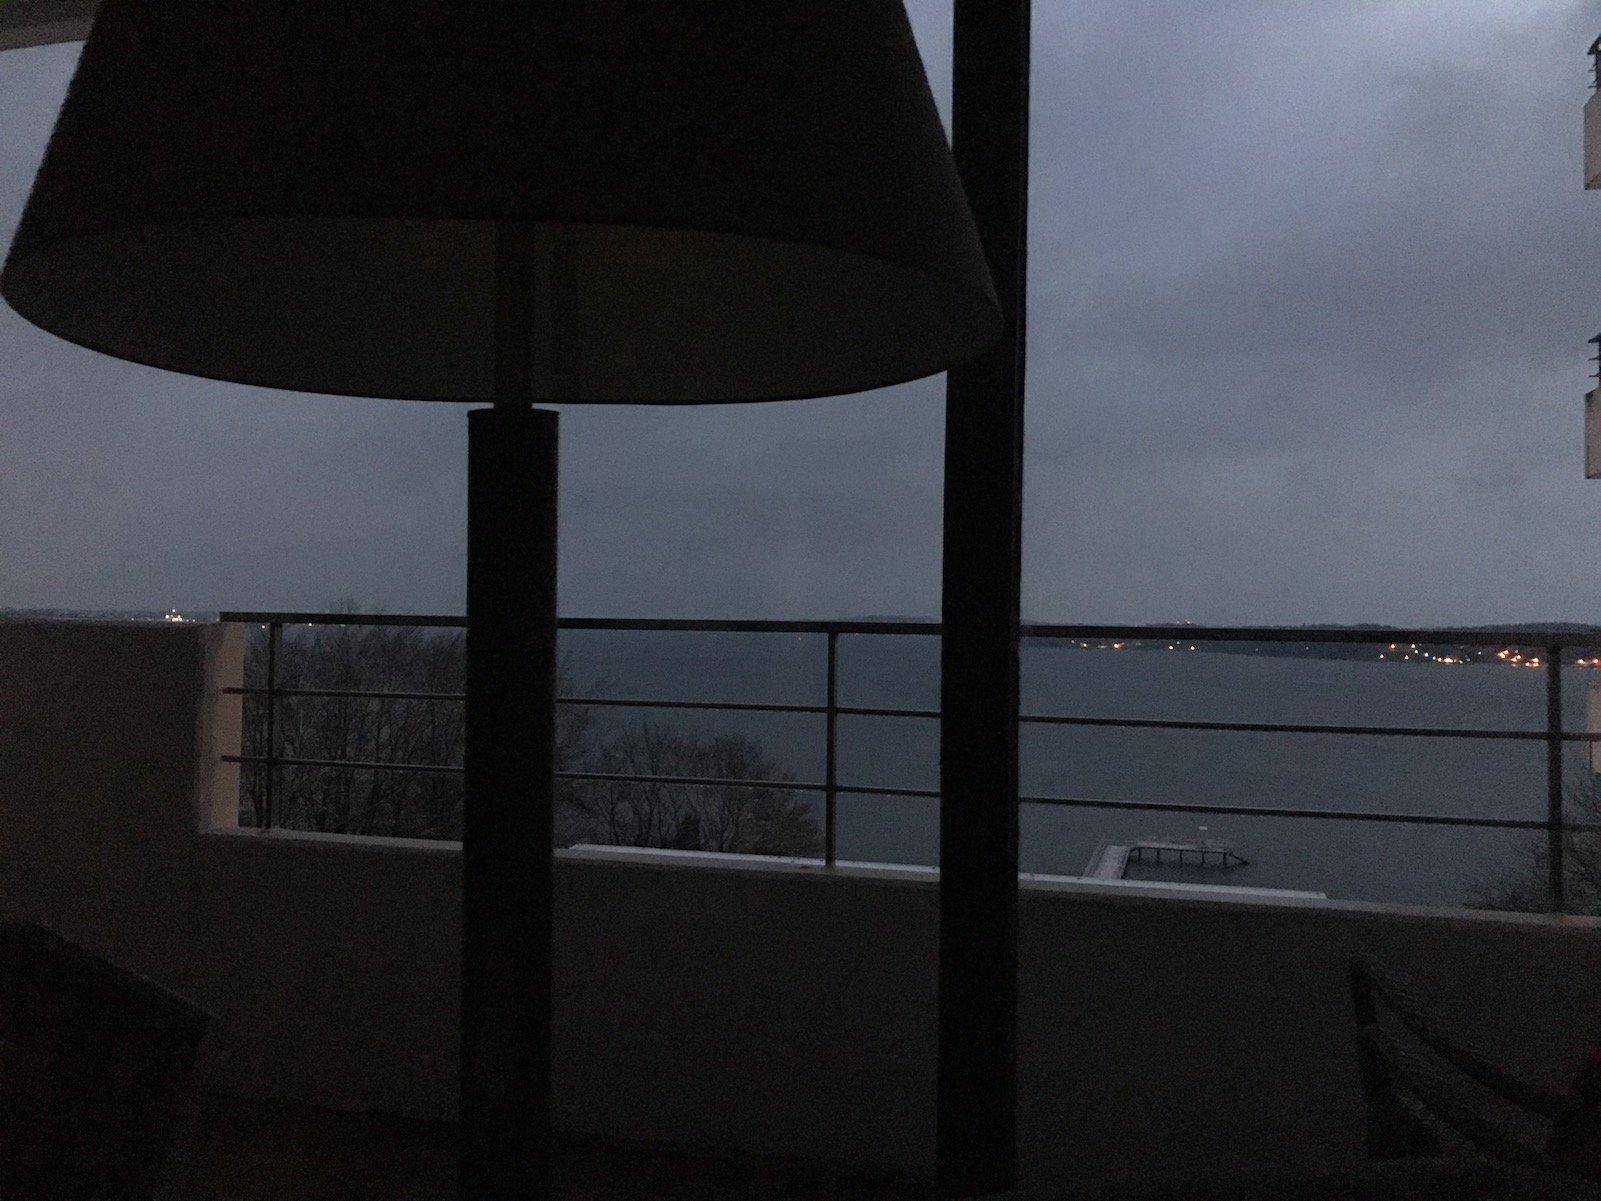 Ausblick direkt aus dem Bett am frühen Morgen am Sonntag